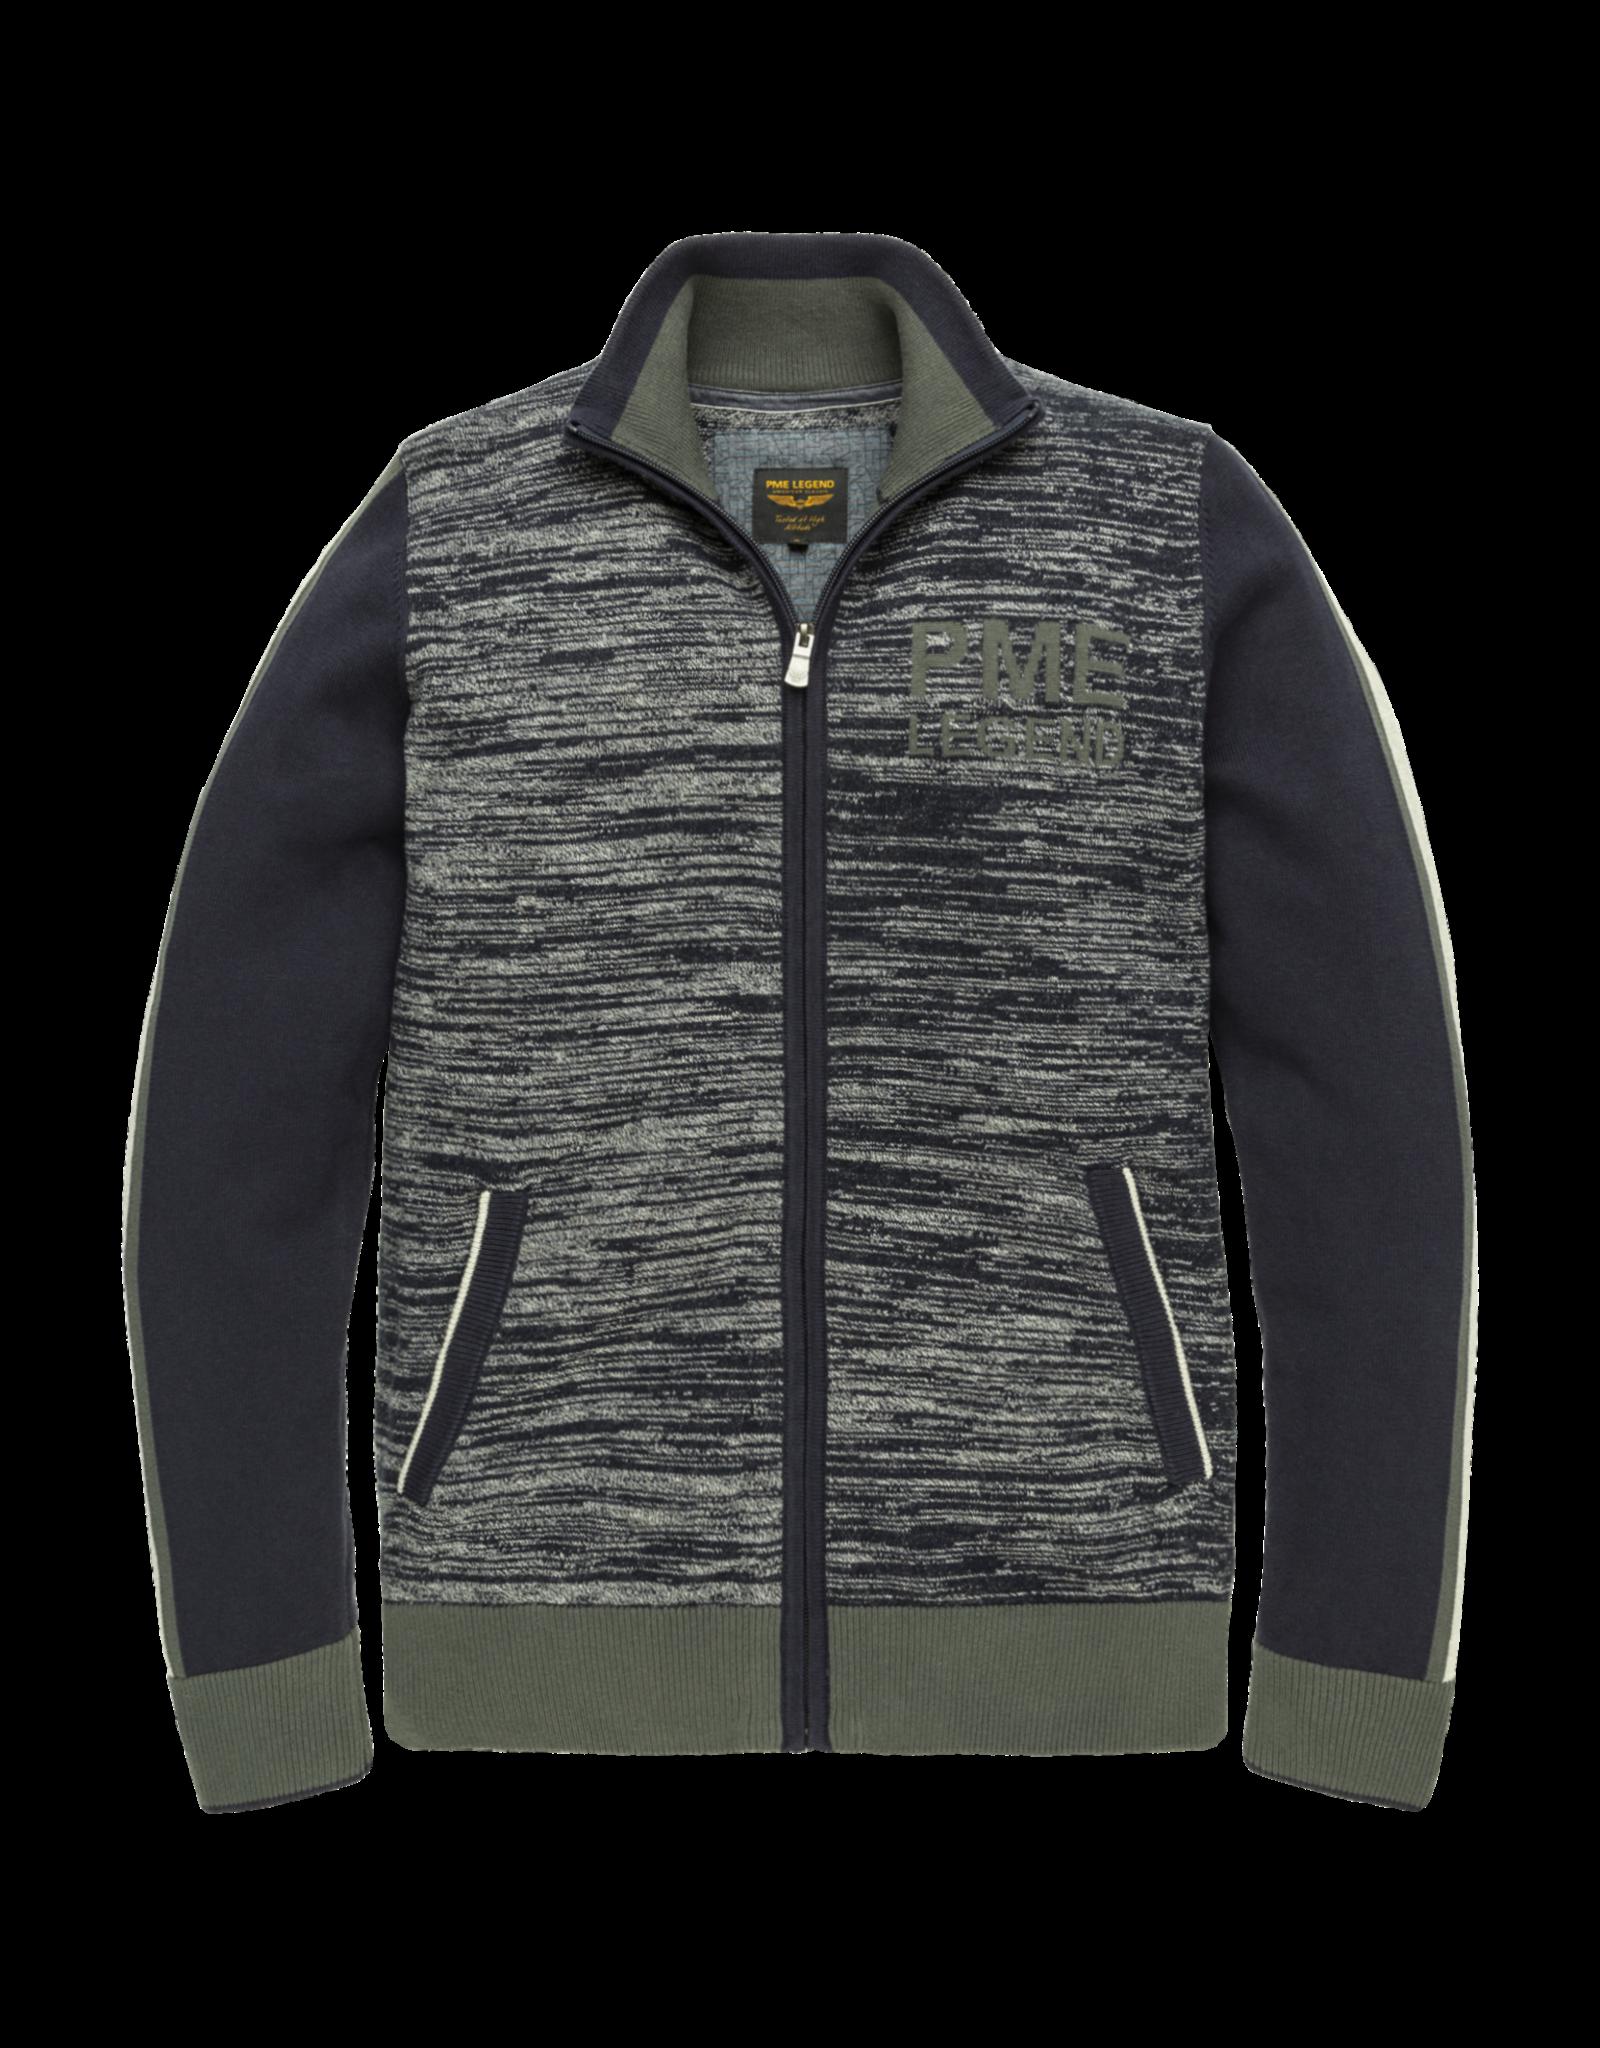 Pme Legend PME Legend zip jacket cotton knit Night Sky